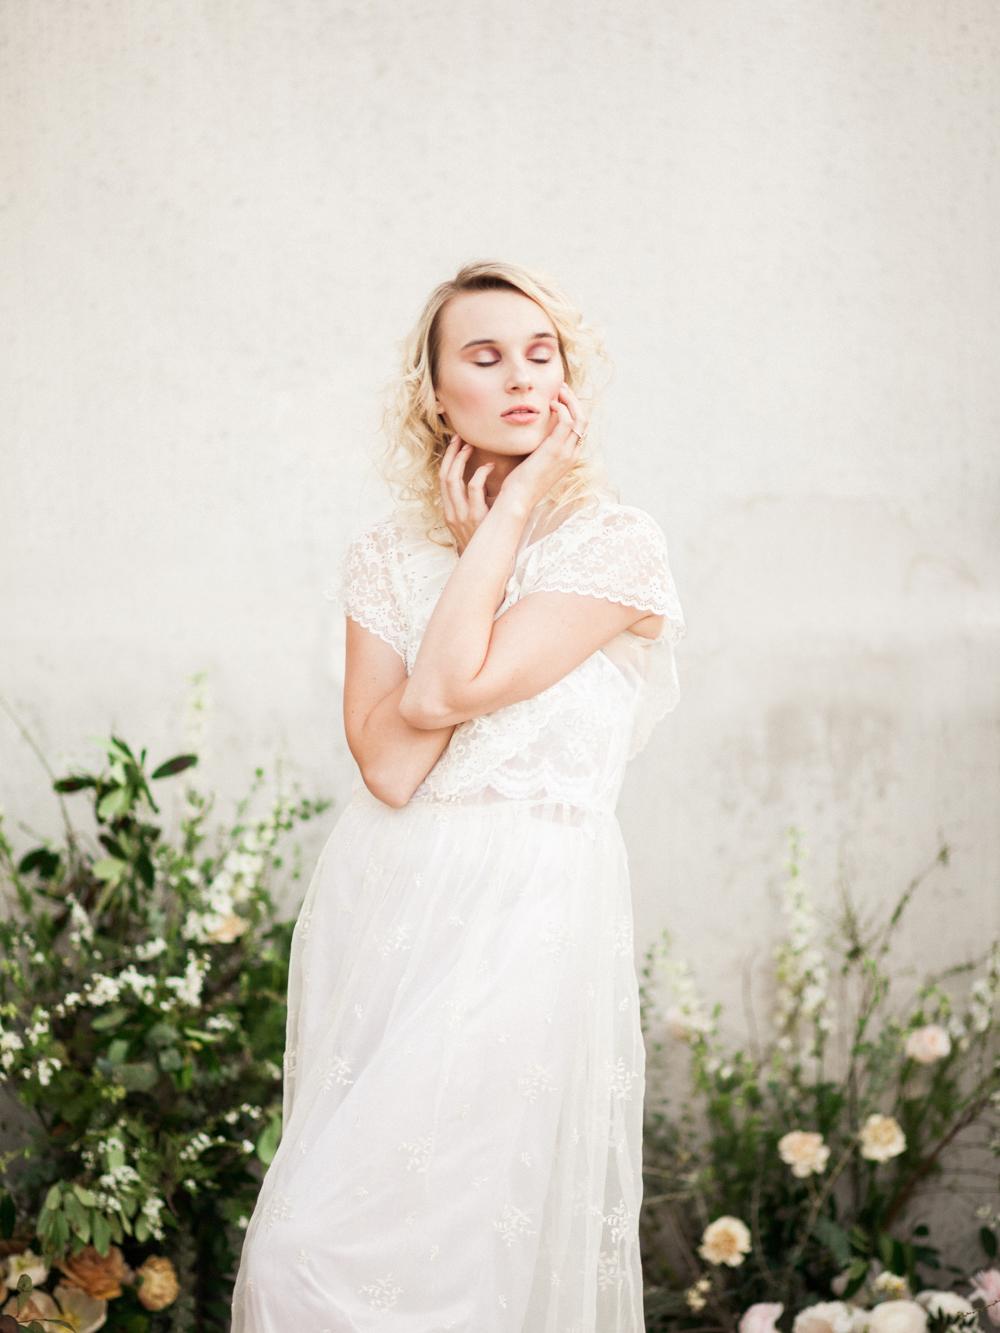 Christine Gosch - elopement photographer - Houston intimate wedding photographer - film wedding photographer